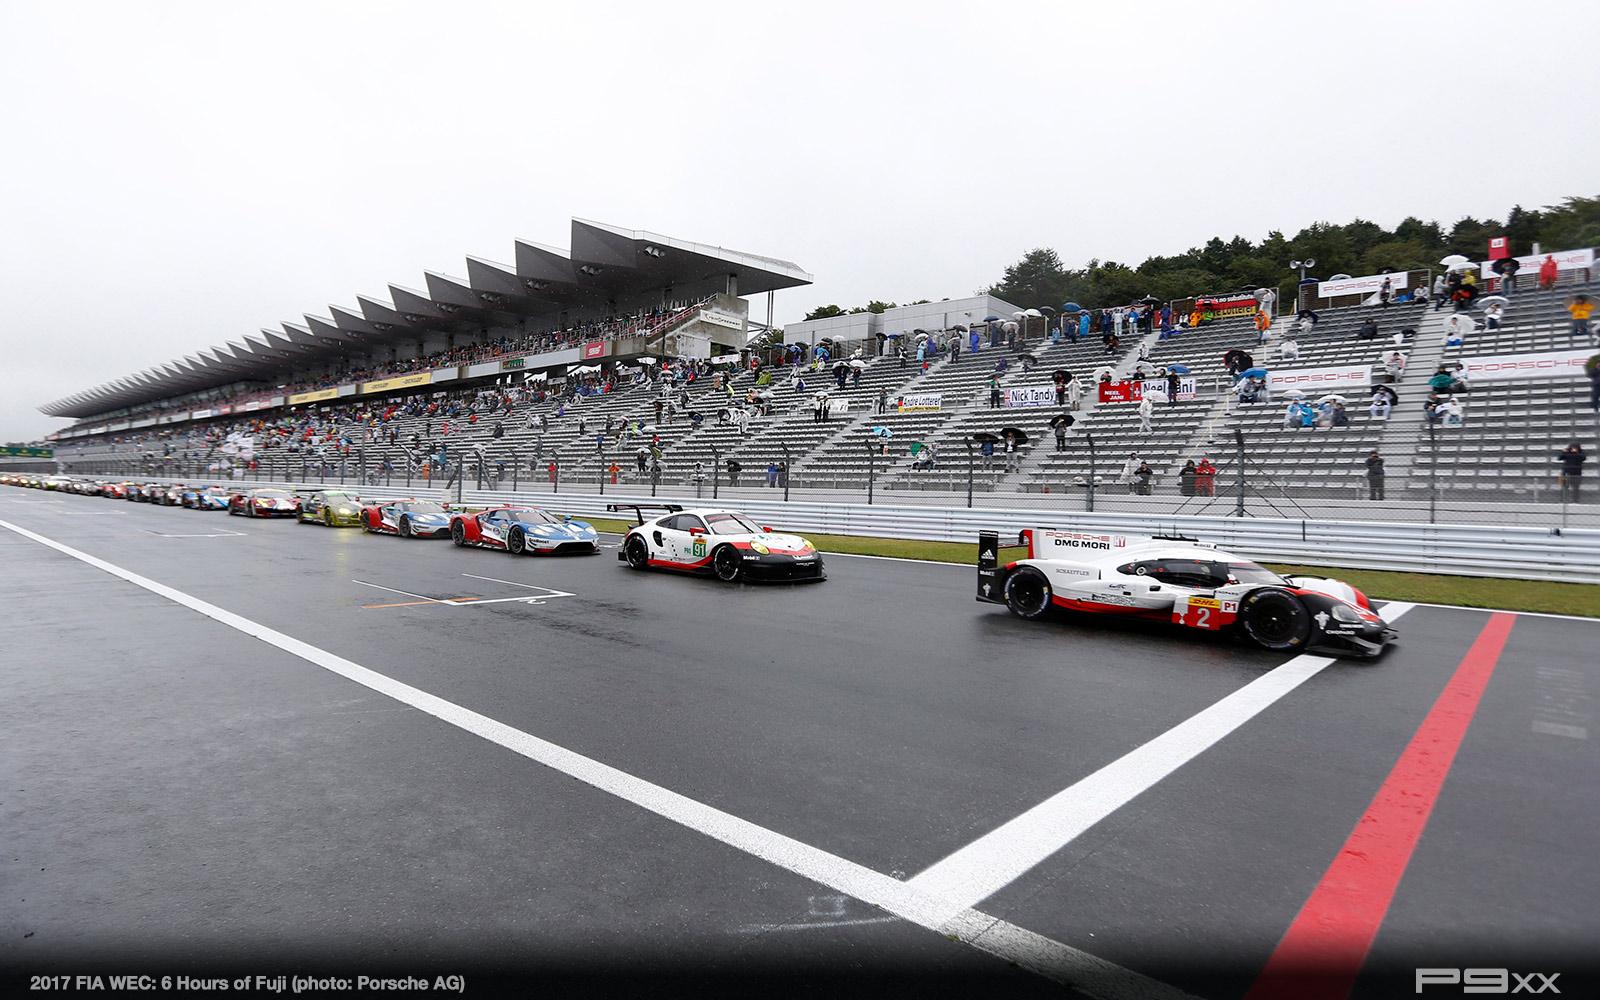 2017-FIA-WEC-6h-of-Fuji-Porsche-464